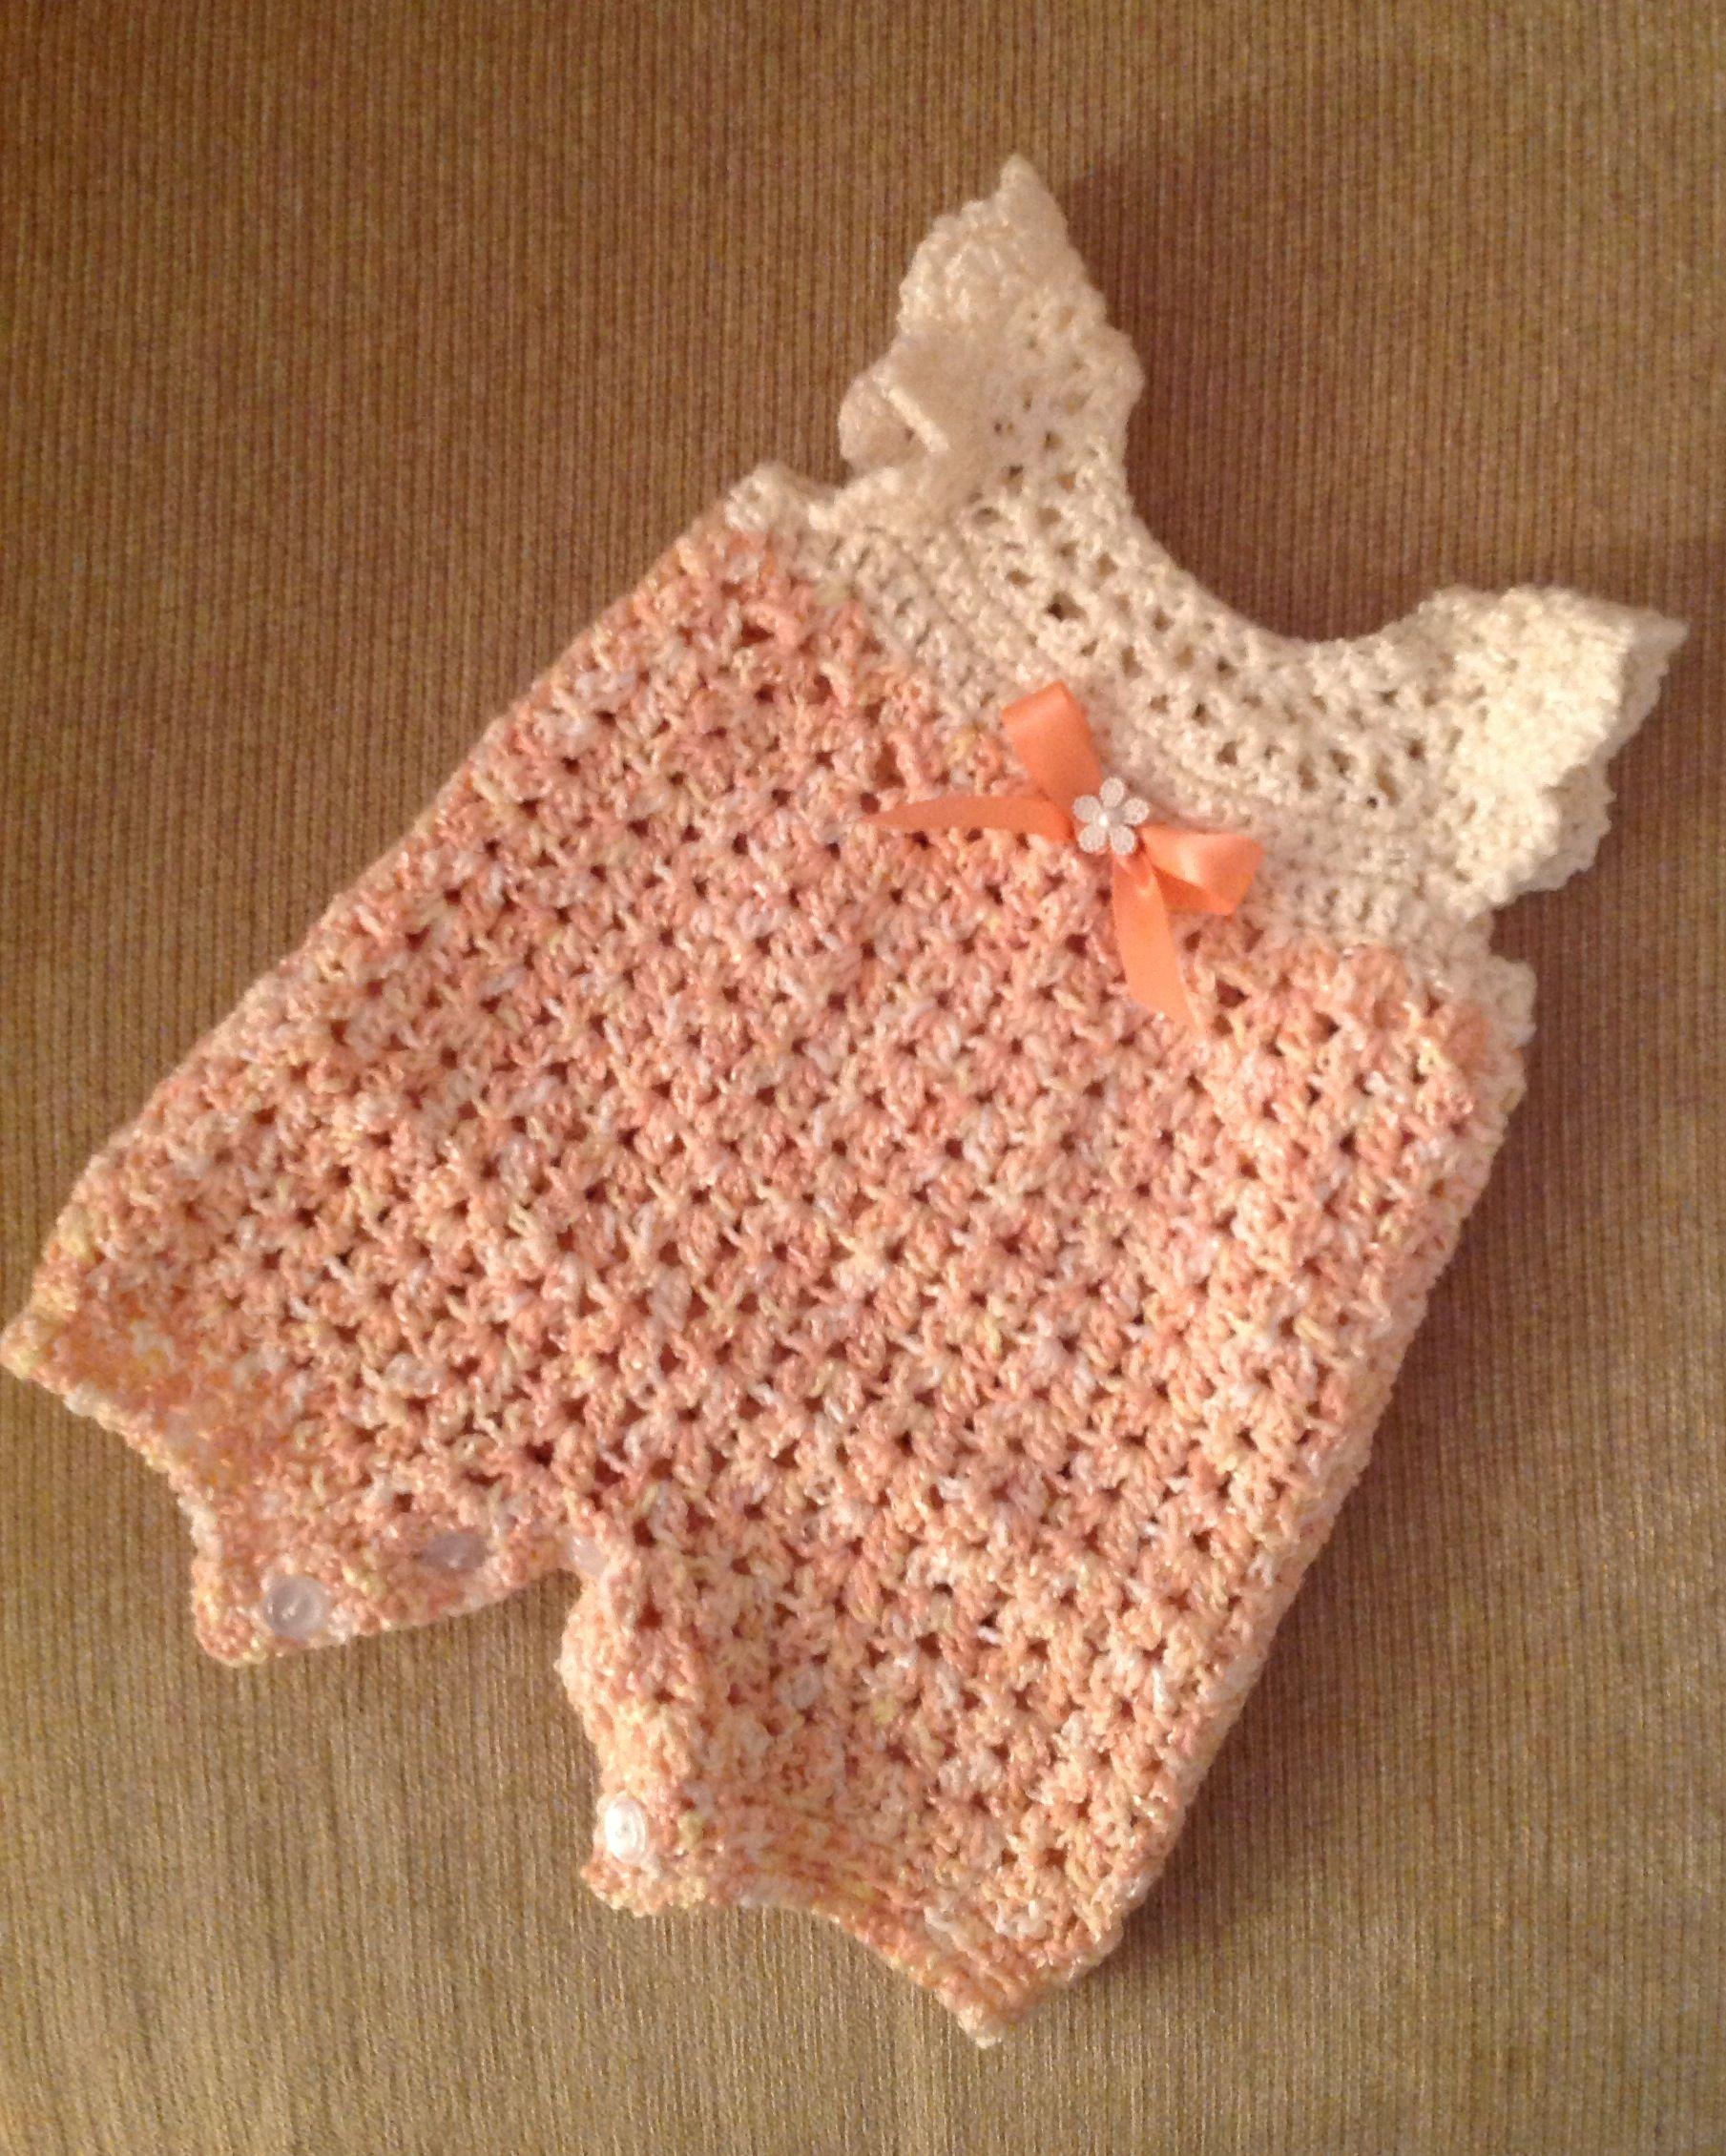 Crochet infant romper | Hækle / strik til baby blandet